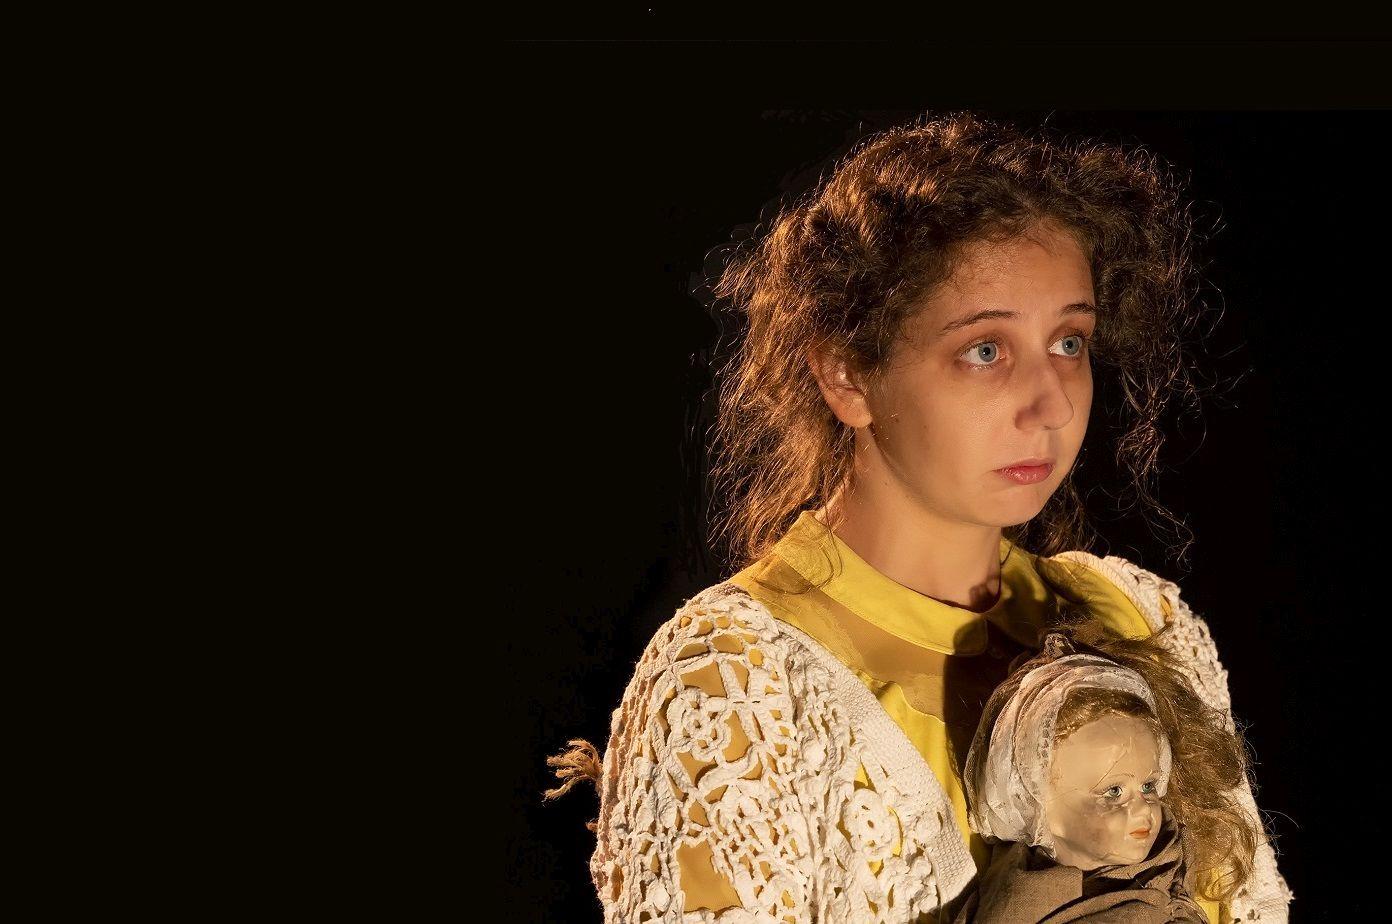 Isabella Giacobbe (Foto Antonio Parrinello)